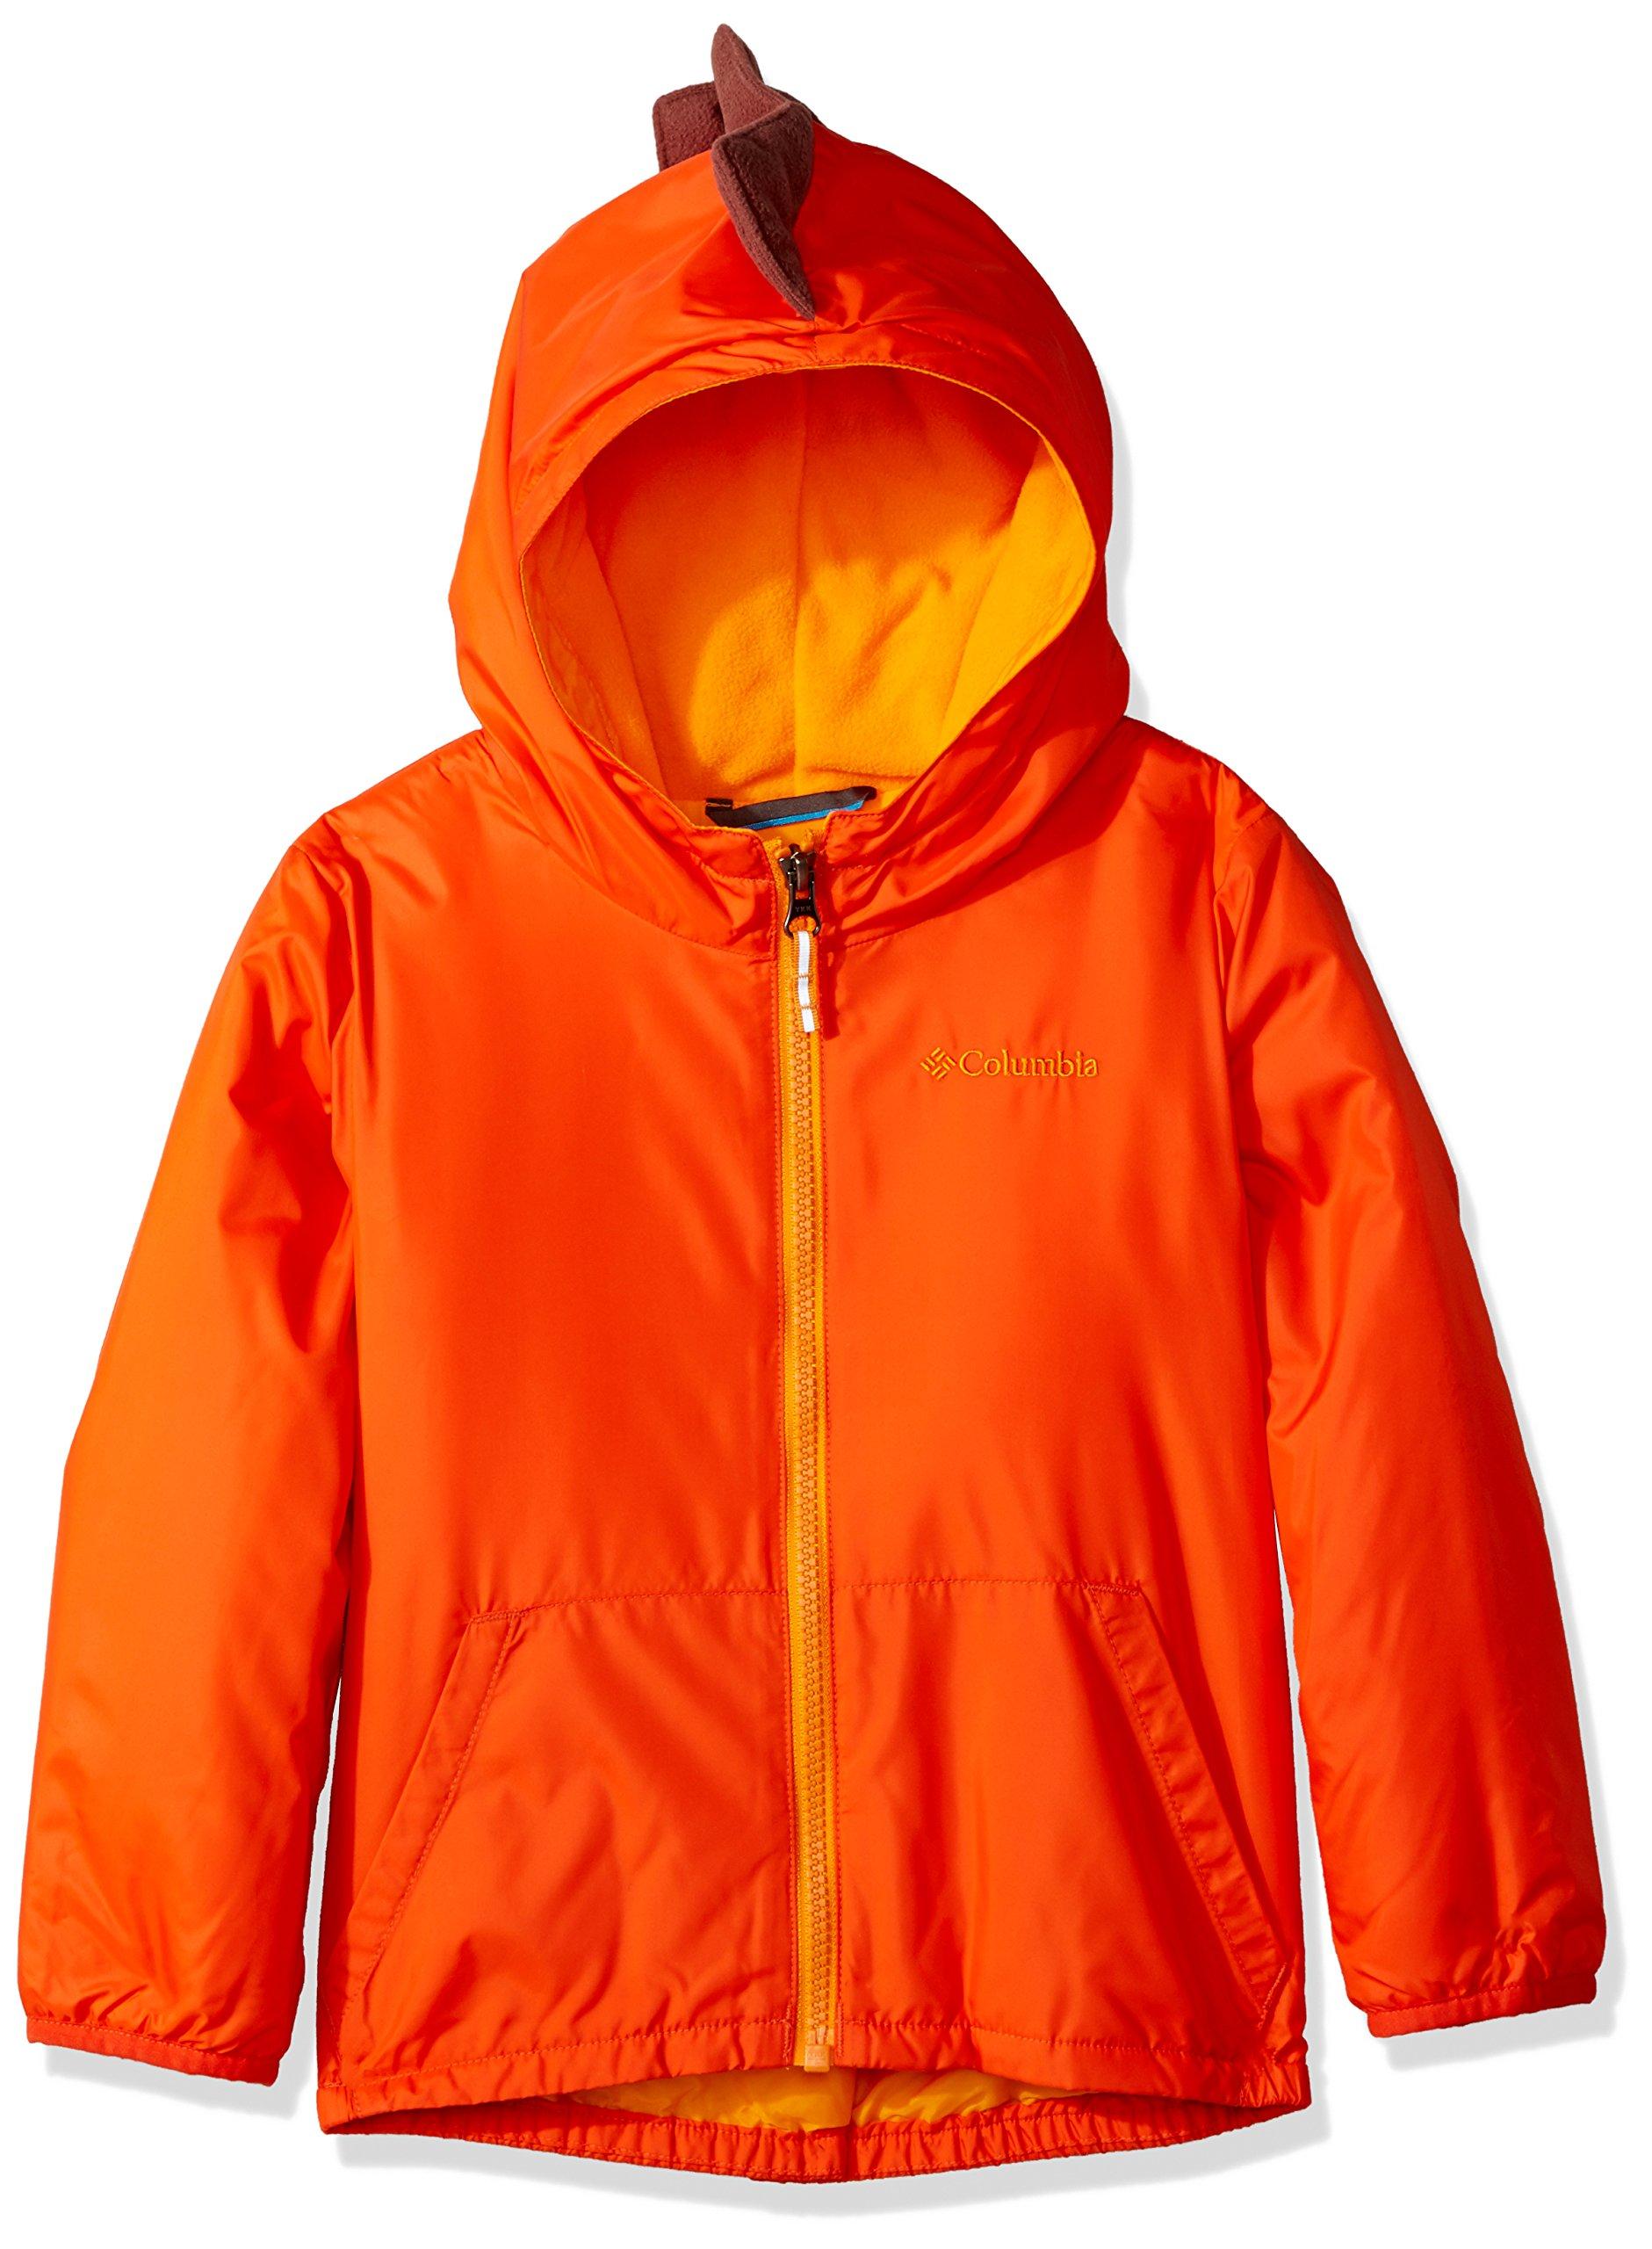 Columbia Boys' Toddler Kitterwibbit Jacket, State Orange, 4T